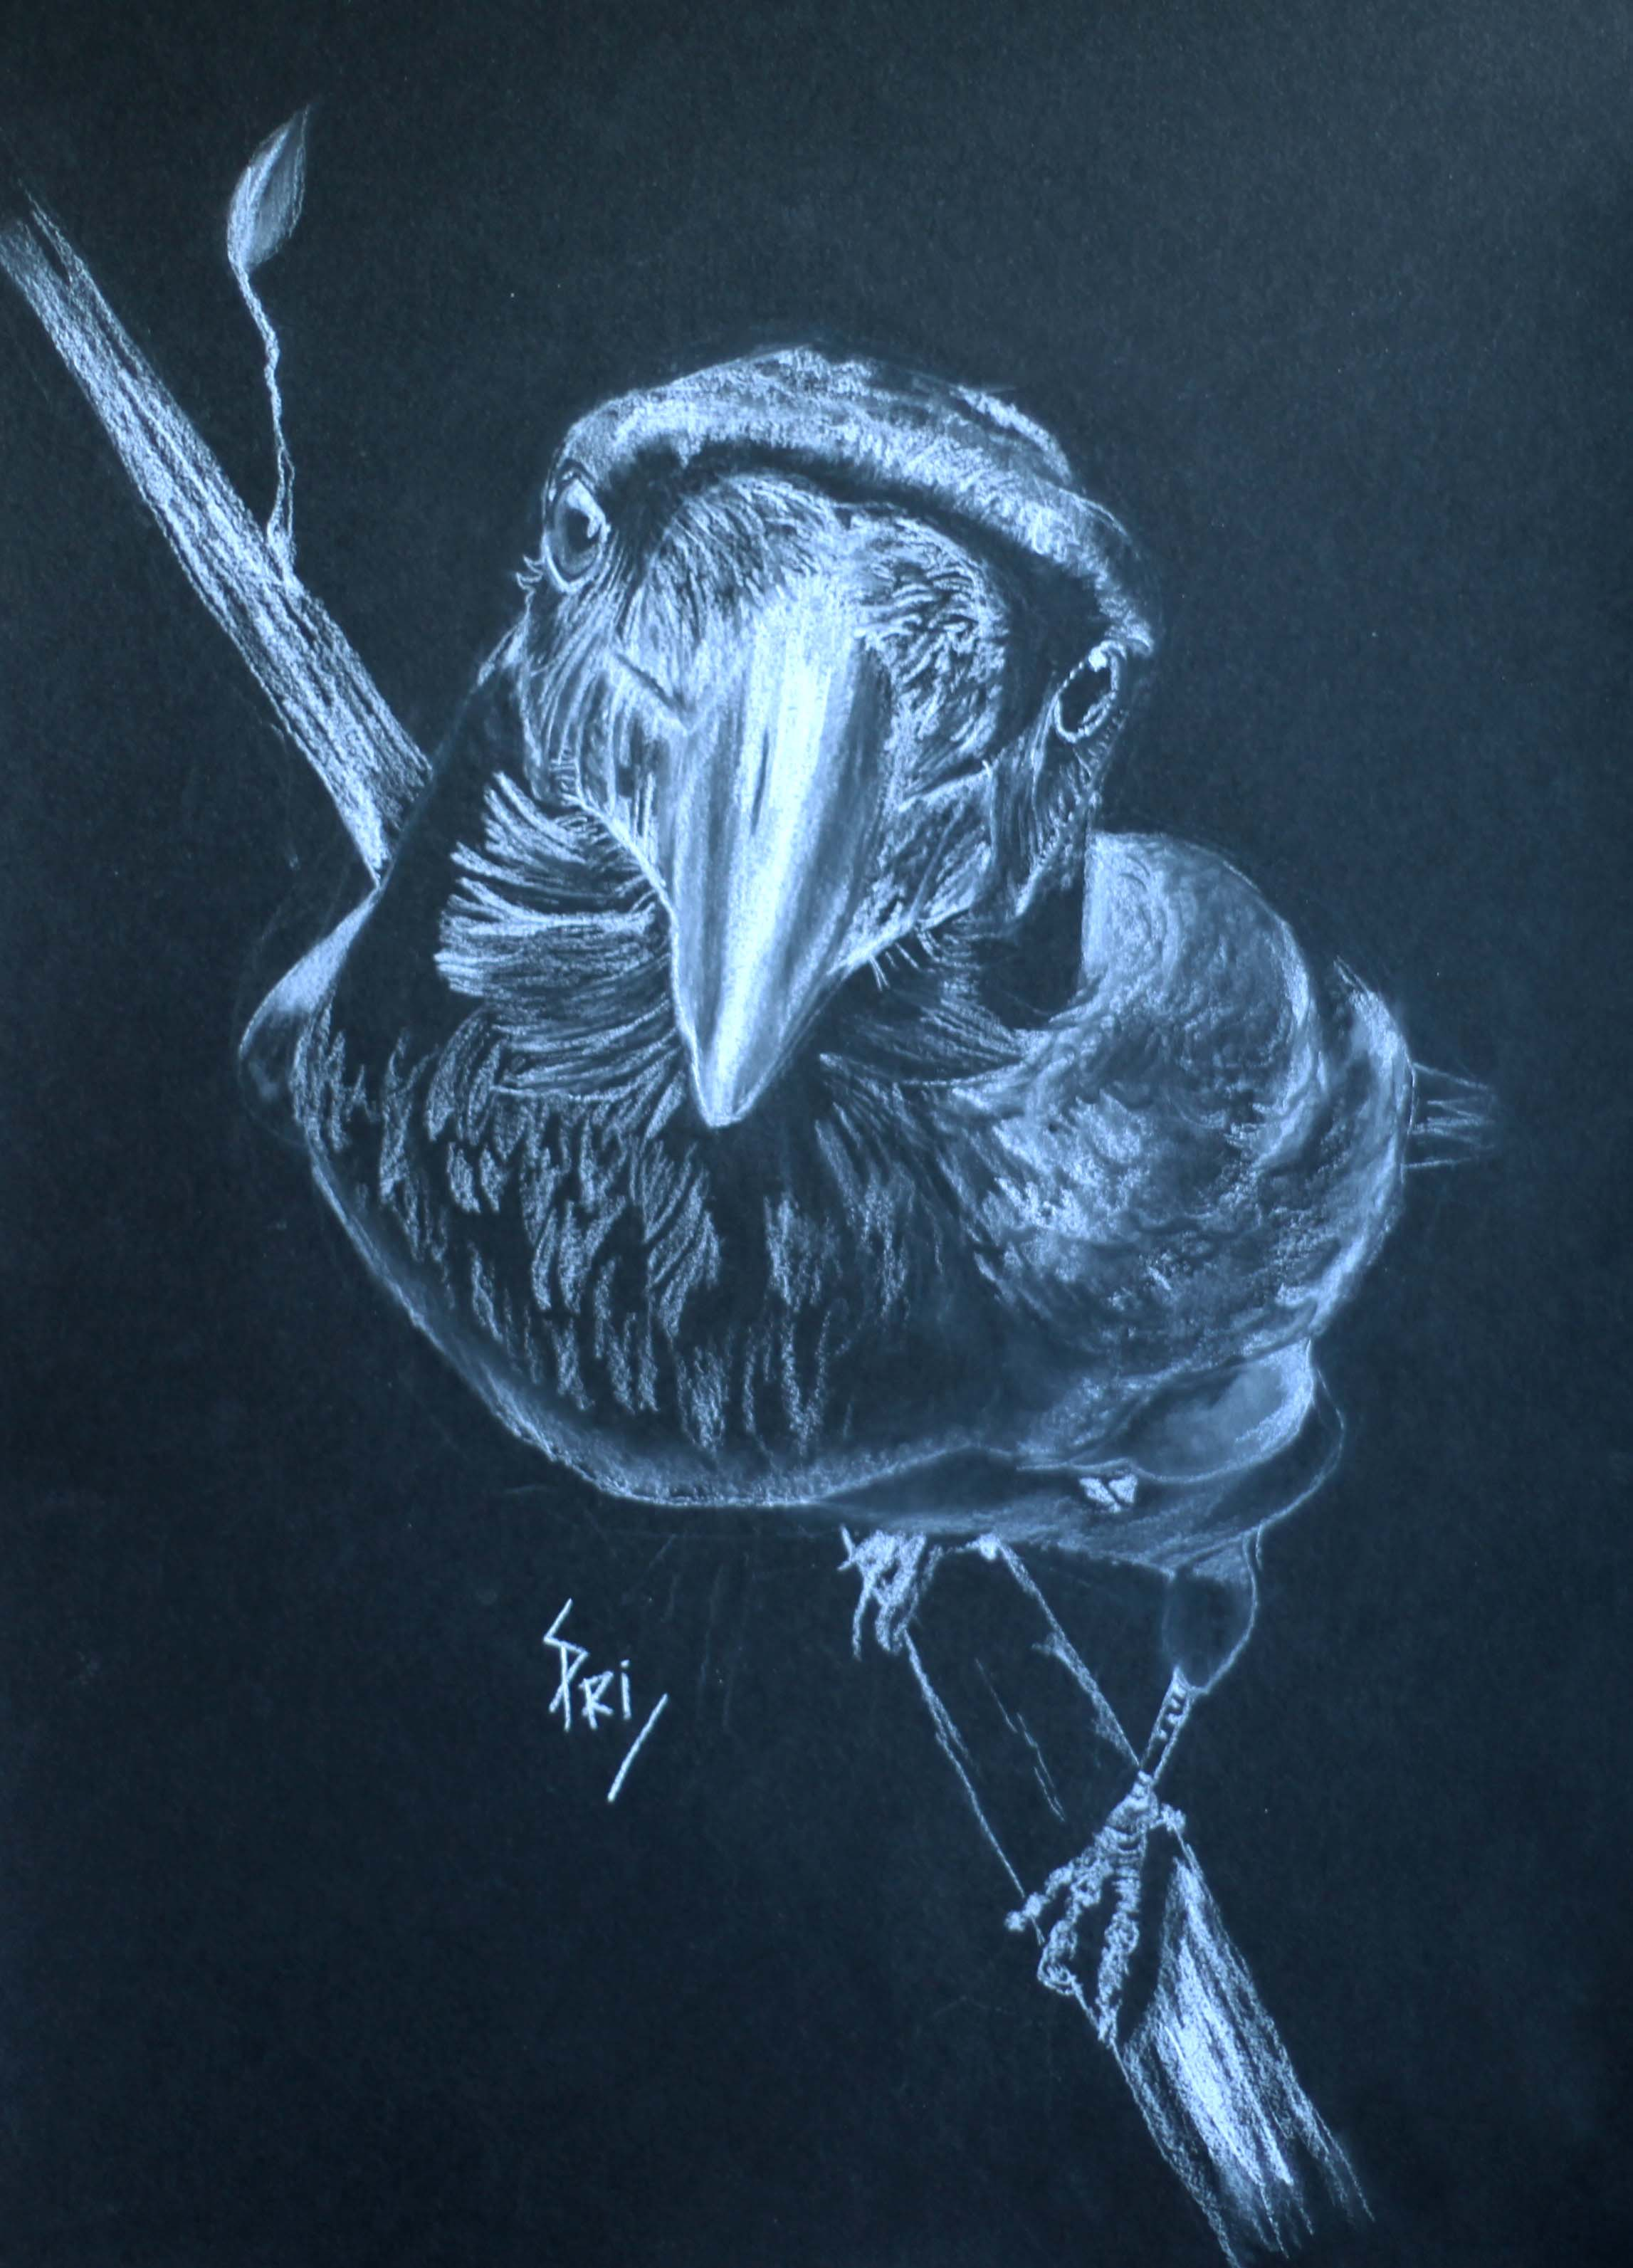 Dessin au crayon blanc sur papier noir par Priscilla Seiller